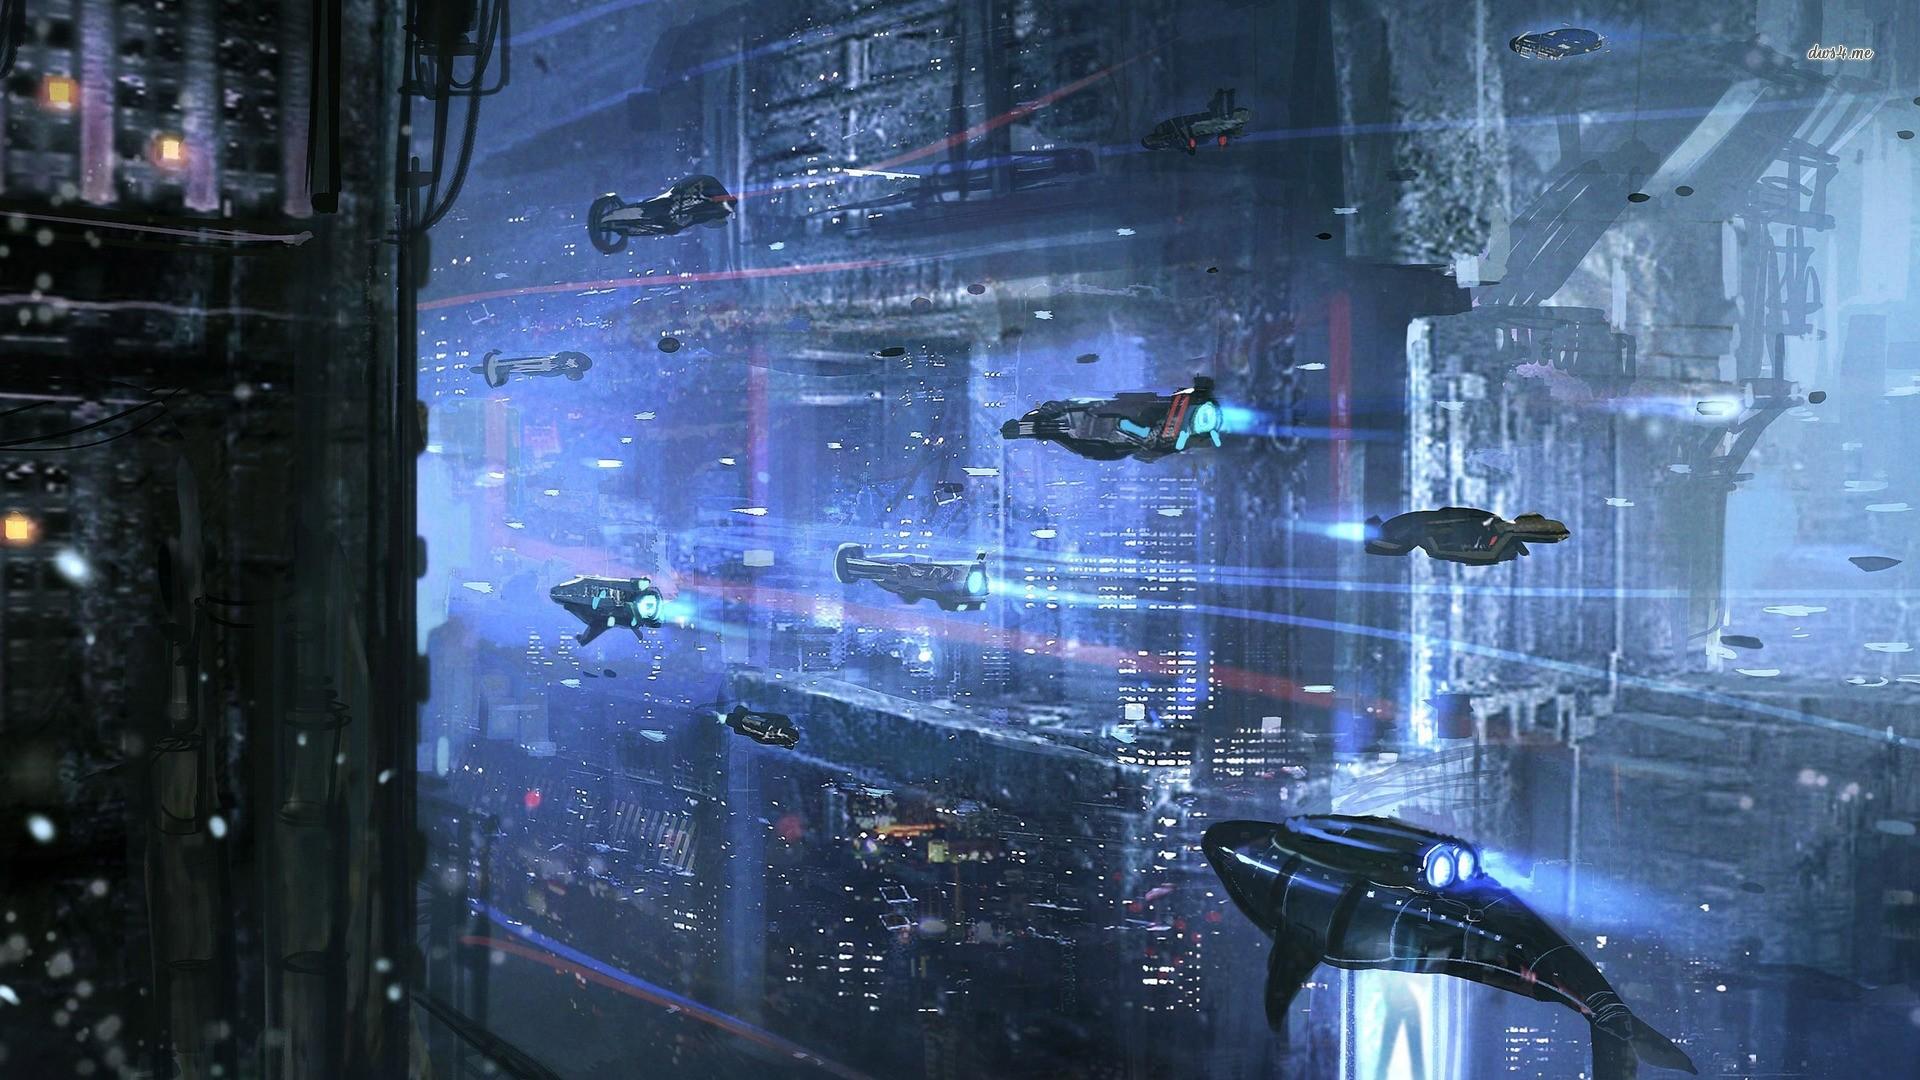 Cyberpunk City Art computer wallpaper